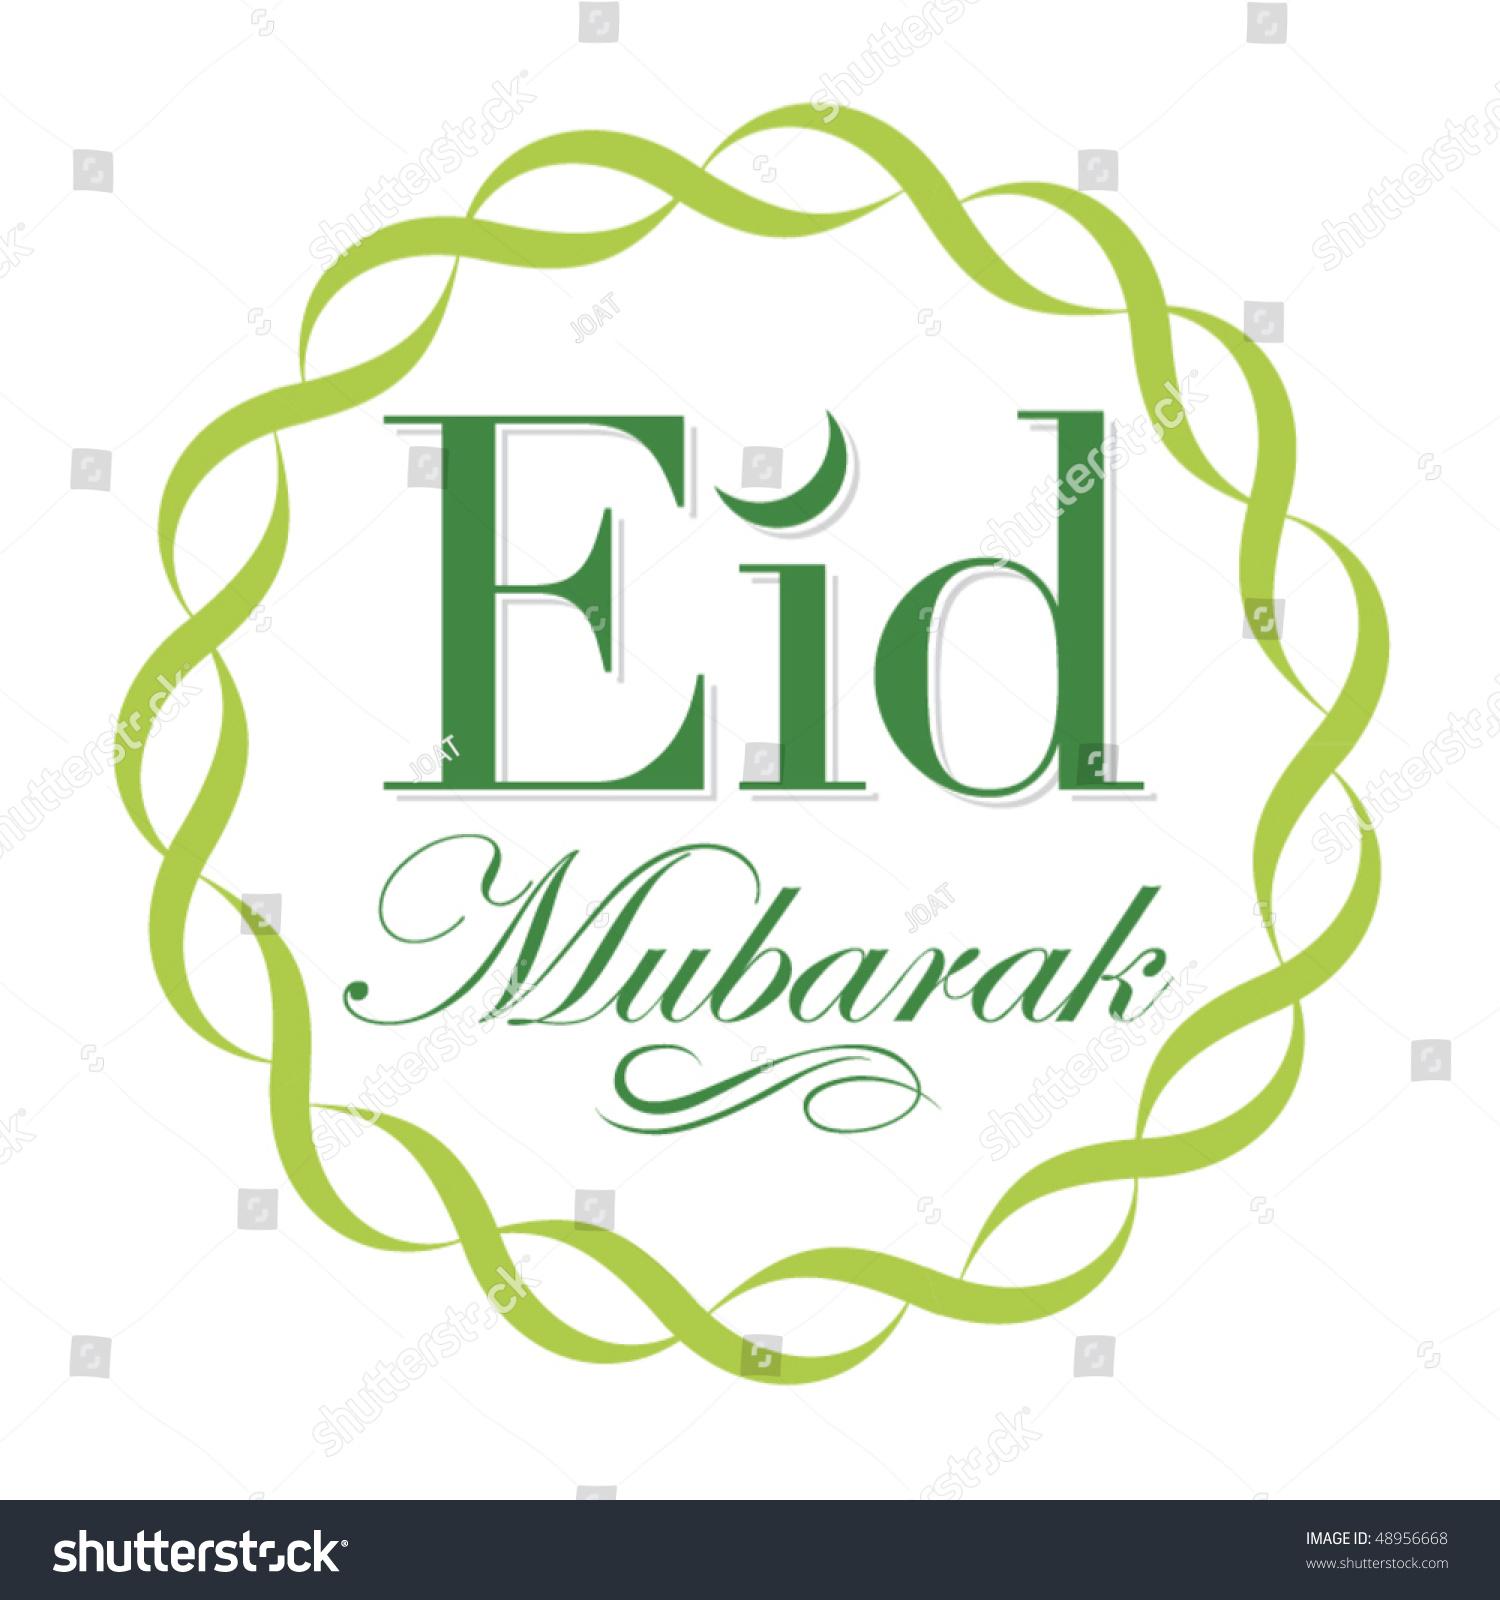 Eid greetings english script translated arabic stock vector eid greetings in english script translated from arabic as eid wishes kristyandbryce Gallery